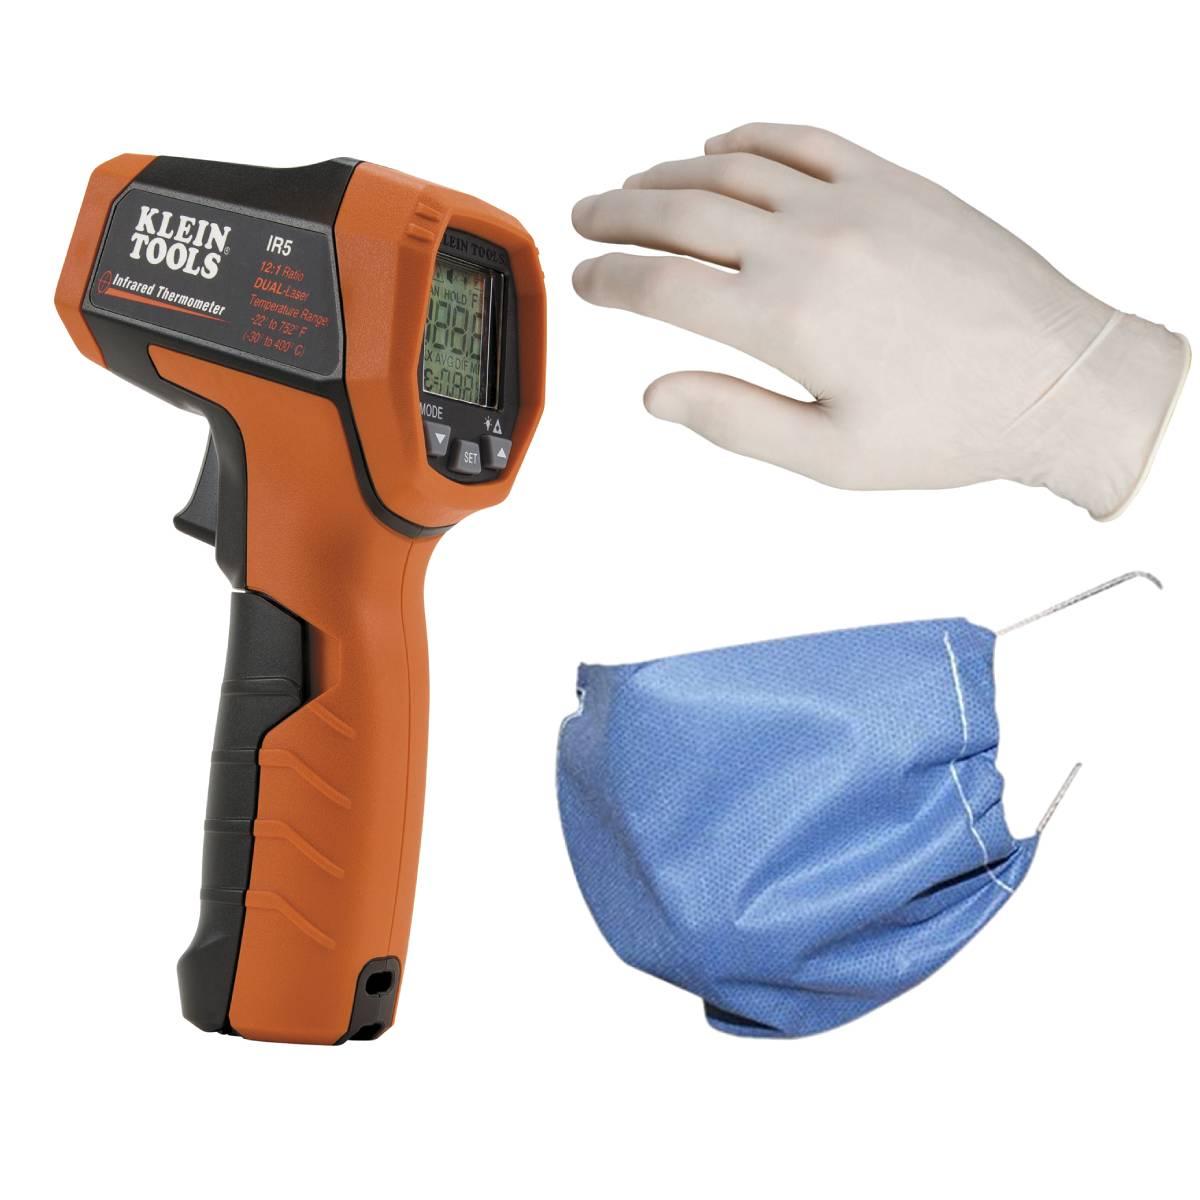 Cubrebocas 5pz+ Guantes 1pz+ Pistola Termometro Humano Klein